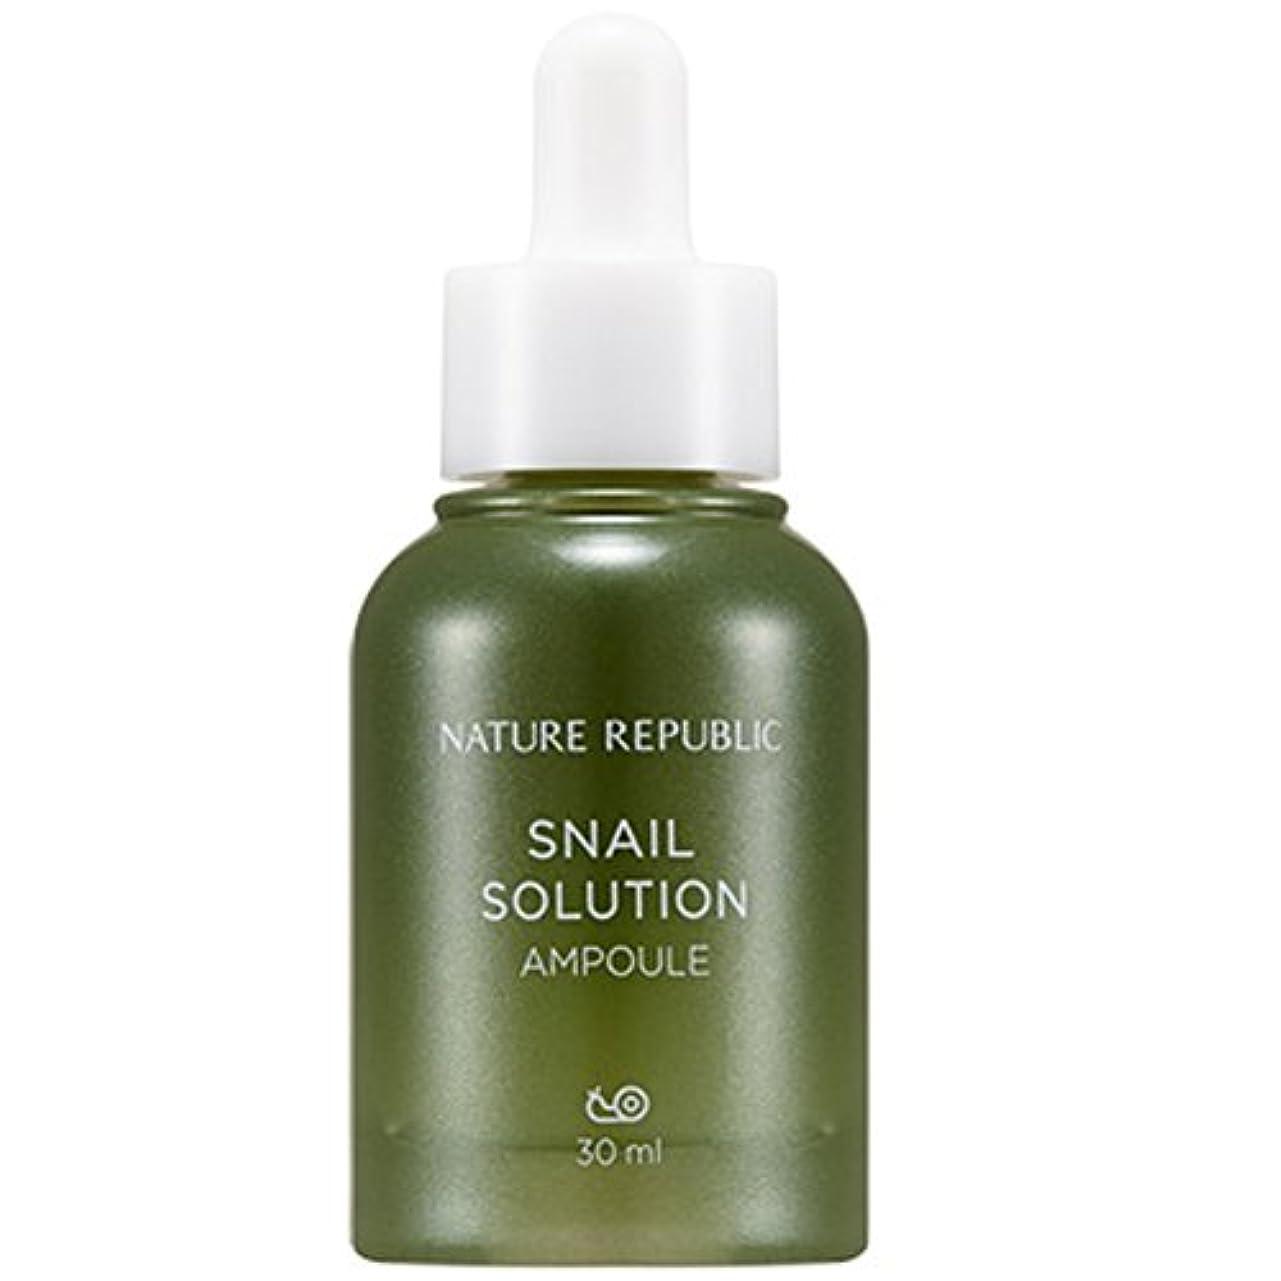 抑制する染色魂NATURE REPUBLIC Snail Solution AMPOULE ネイチャーリパブリック ネイチャーリパブリックカタツムリソリューション アンプル